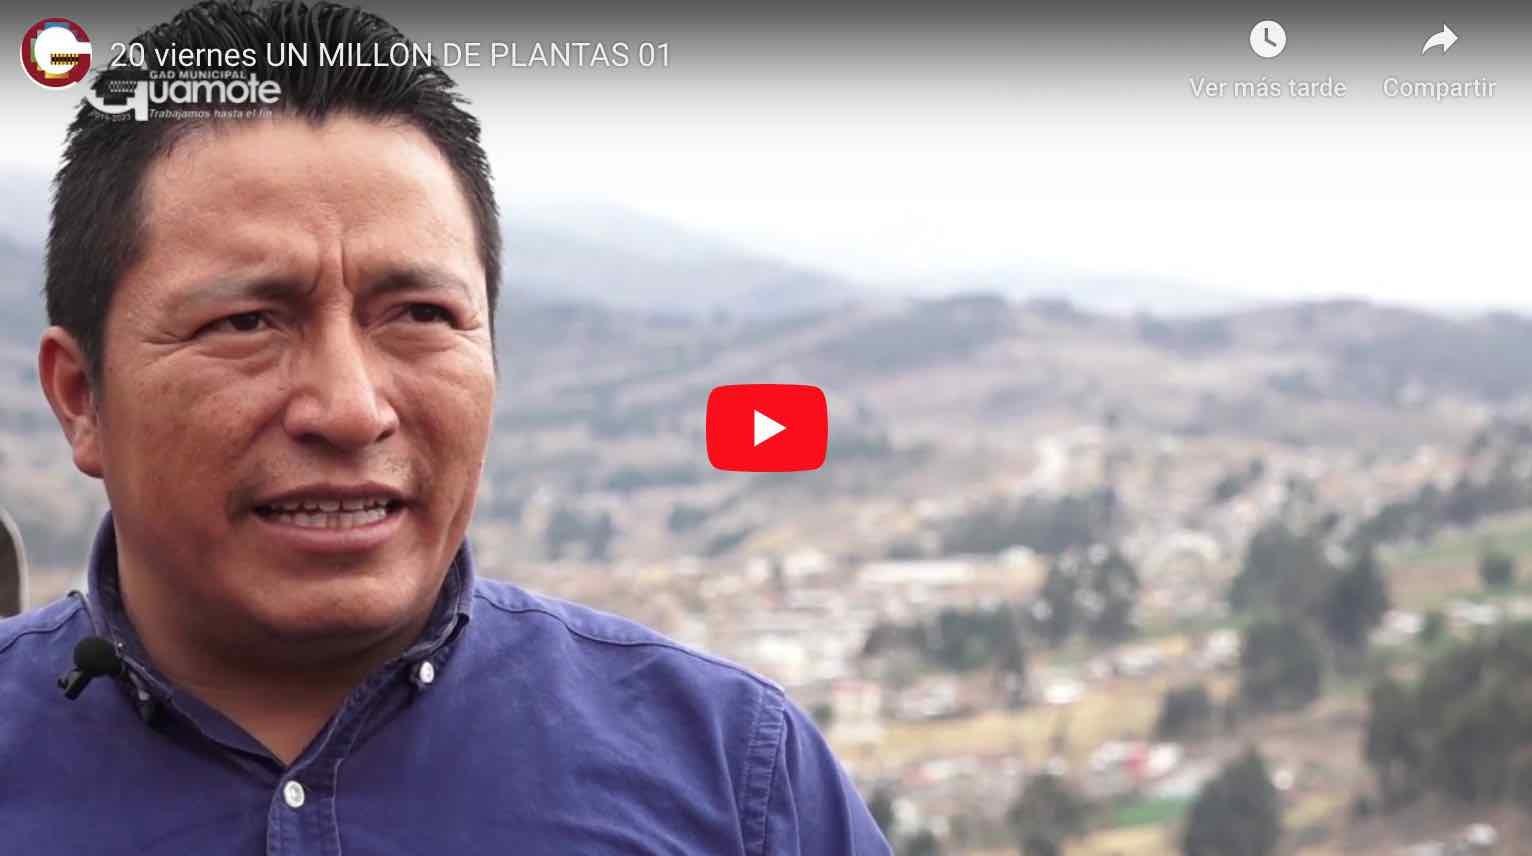 Photo of Video: Delfín Quishpe, dio inicio la siembra de UN MILLÓN de ÁRBOLES en el cantón Guamote.